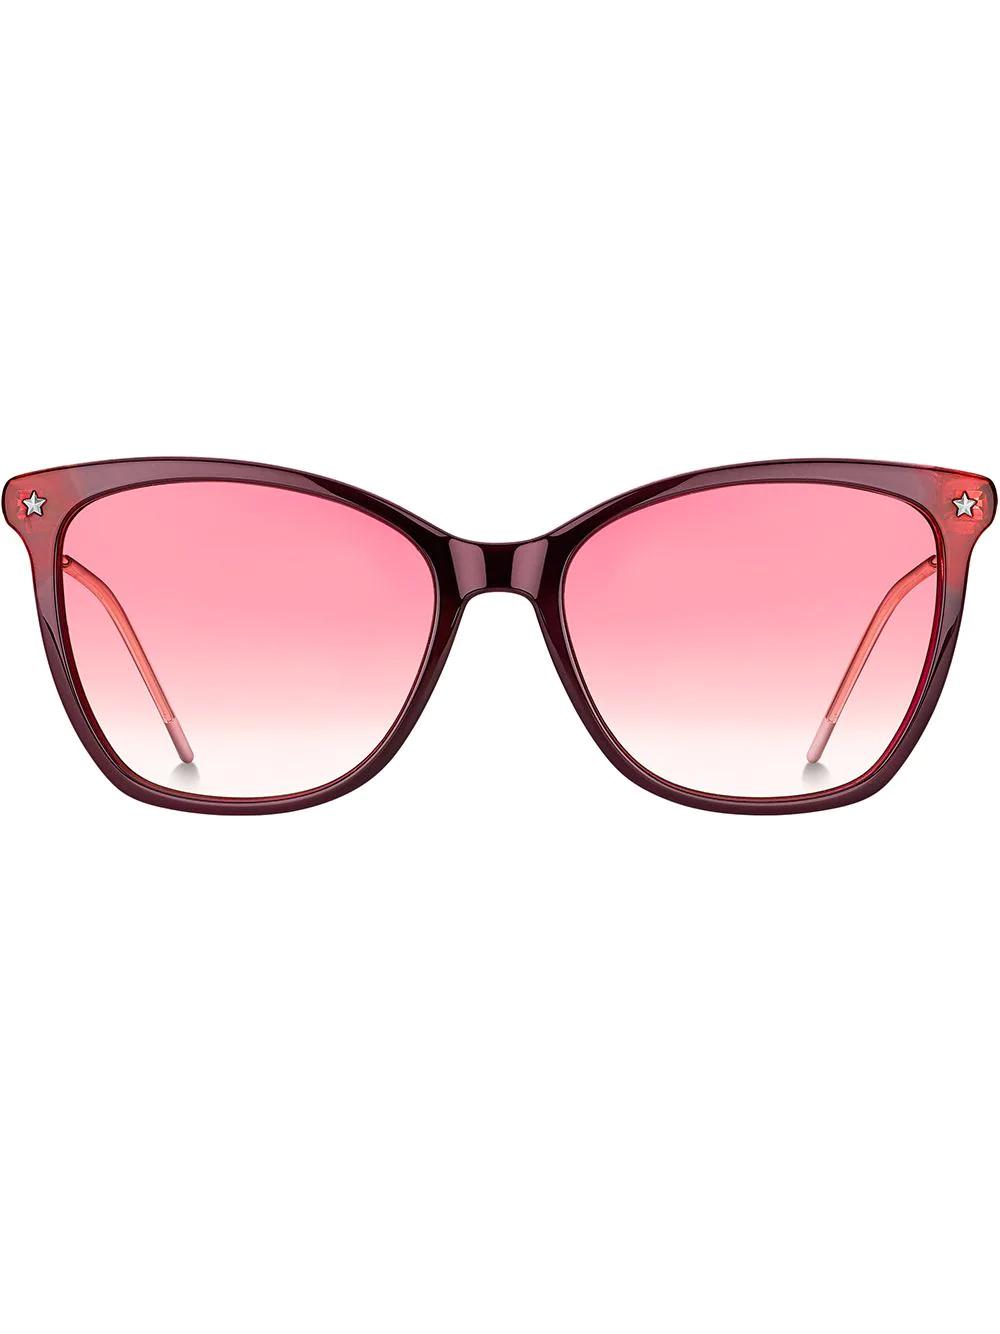 TOMMY HILFIGER | солнцезащитные очки в массивной оправе 'кошачий глаз' | Clouty